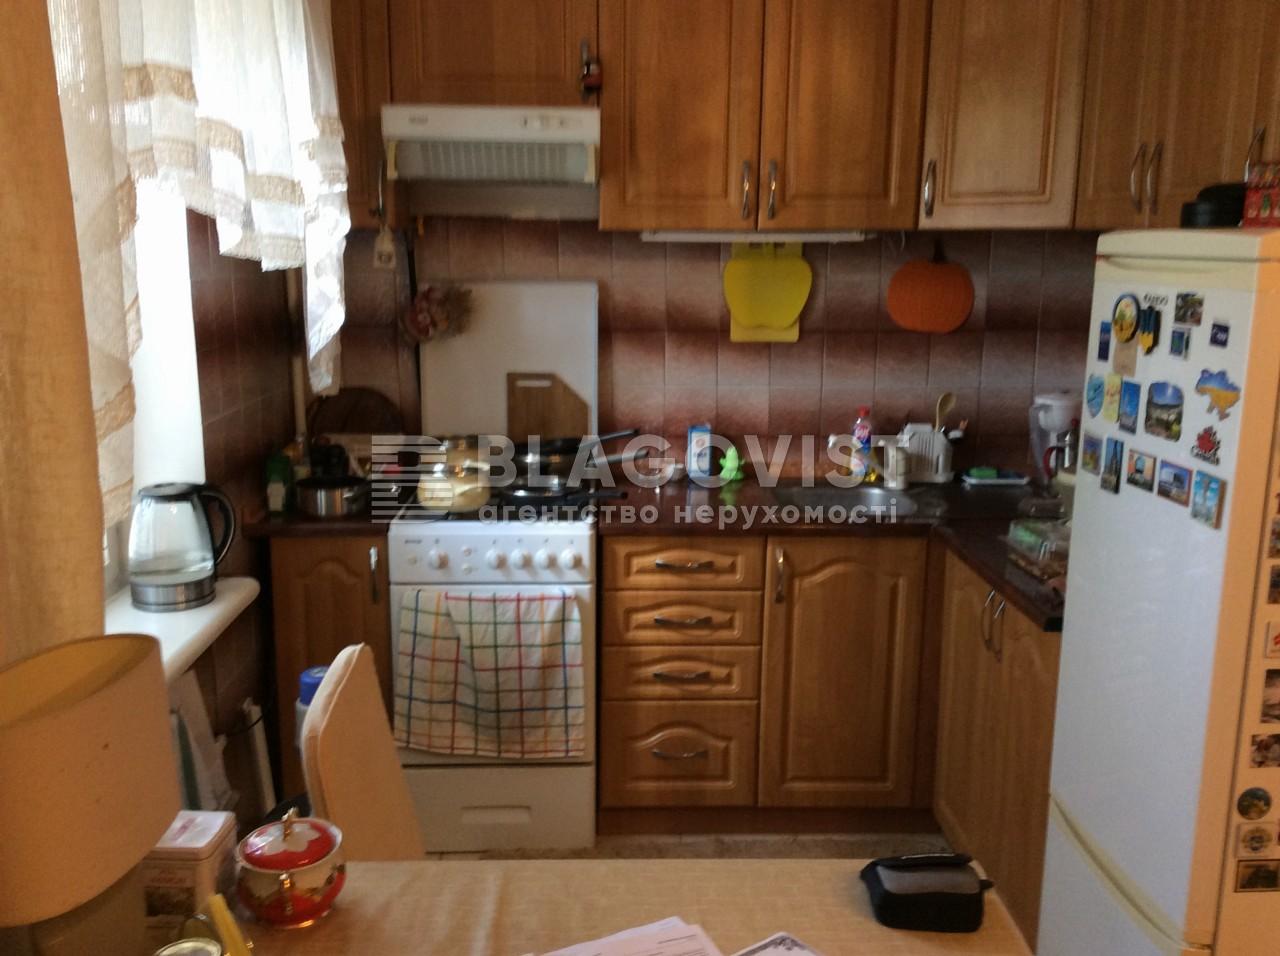 Квартира F-38420, Нищинского Петра, 12 корпус 2, Киев - Фото 8